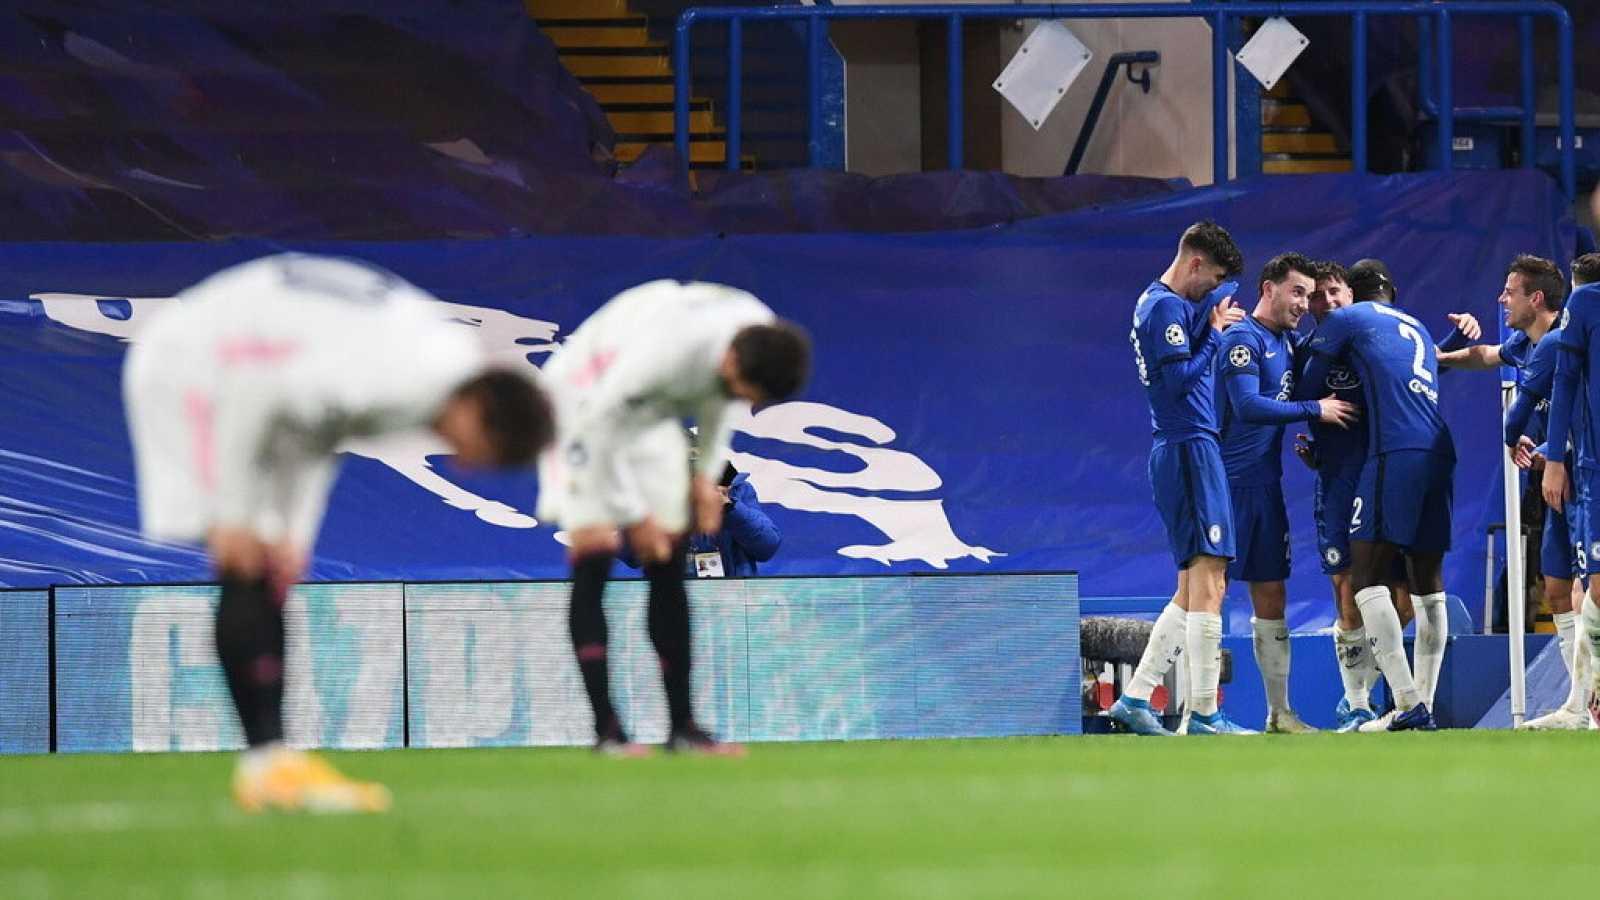 Tablero deportivo - El Real Madrid se queda fuera de la final de la Champions League - Escuchar ahora